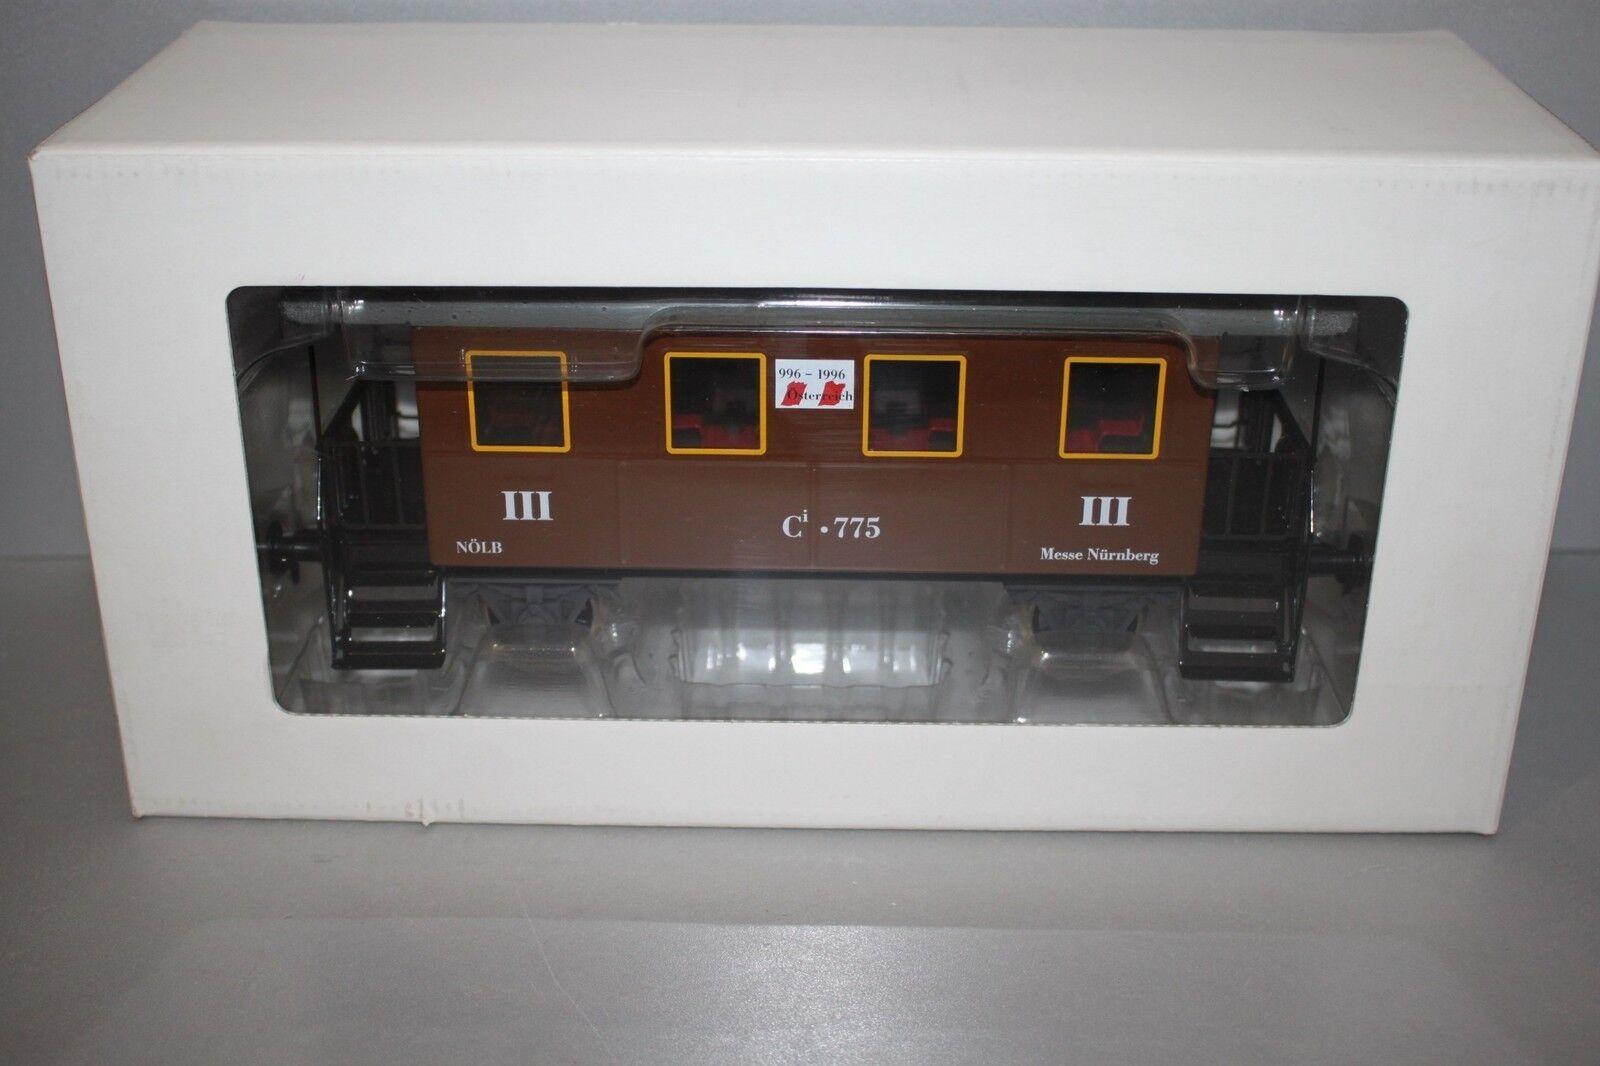 Märklin 2-Achser Personenwagen 3.Klasse Ci 775 Messe Nürnberg braun Spur 1 OVP  | Jeder beschriebene Artikel ist verfügbar